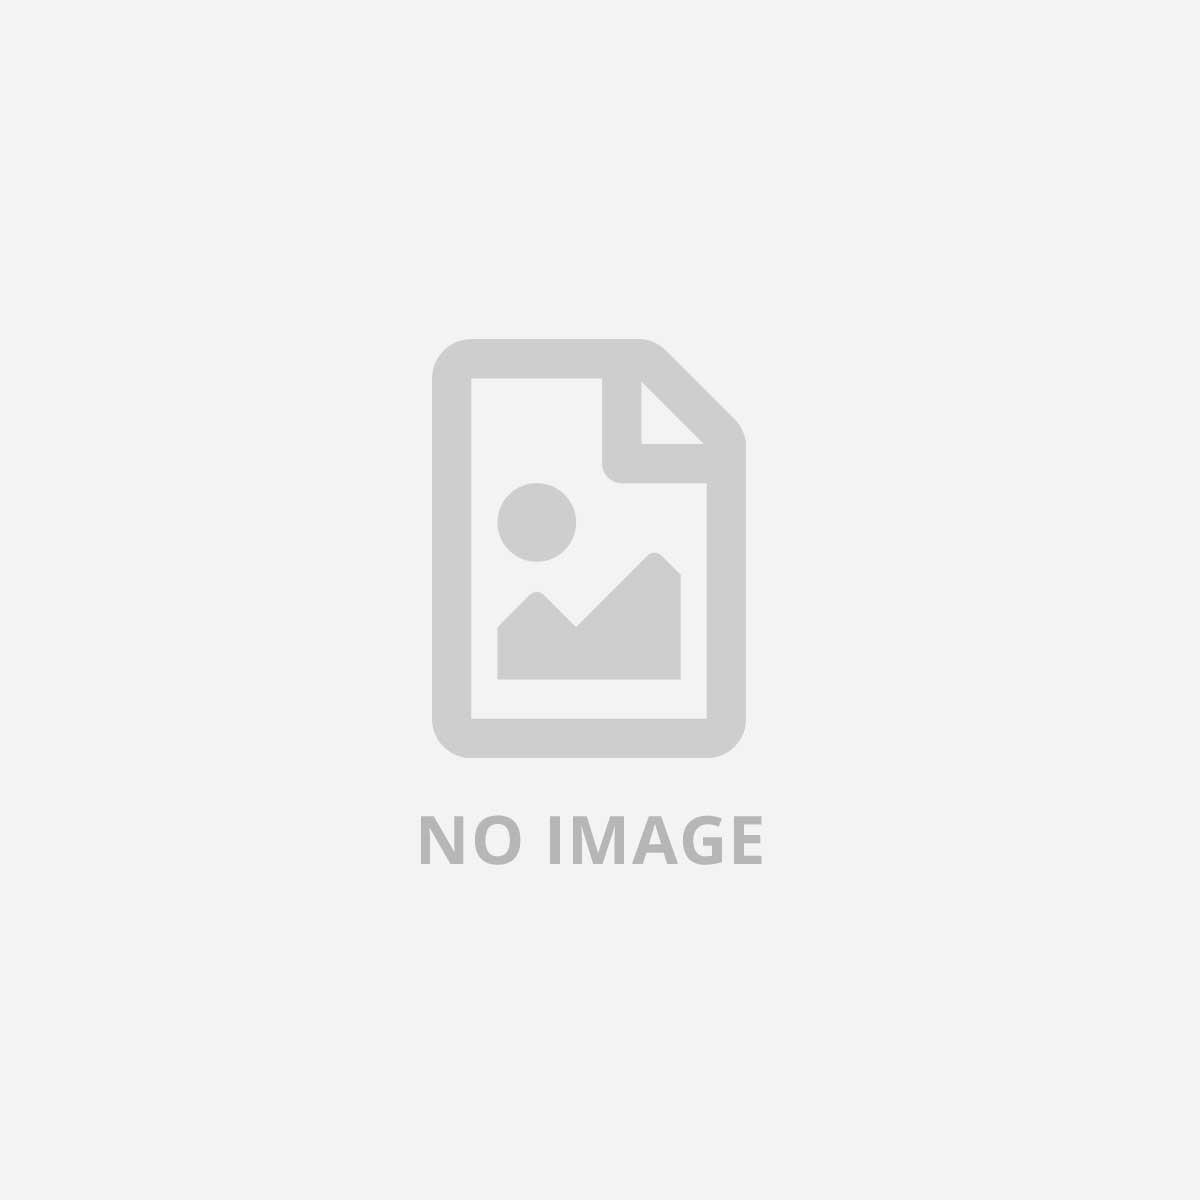 SITECOM >>USB 2.0 MEMORY CARD READER